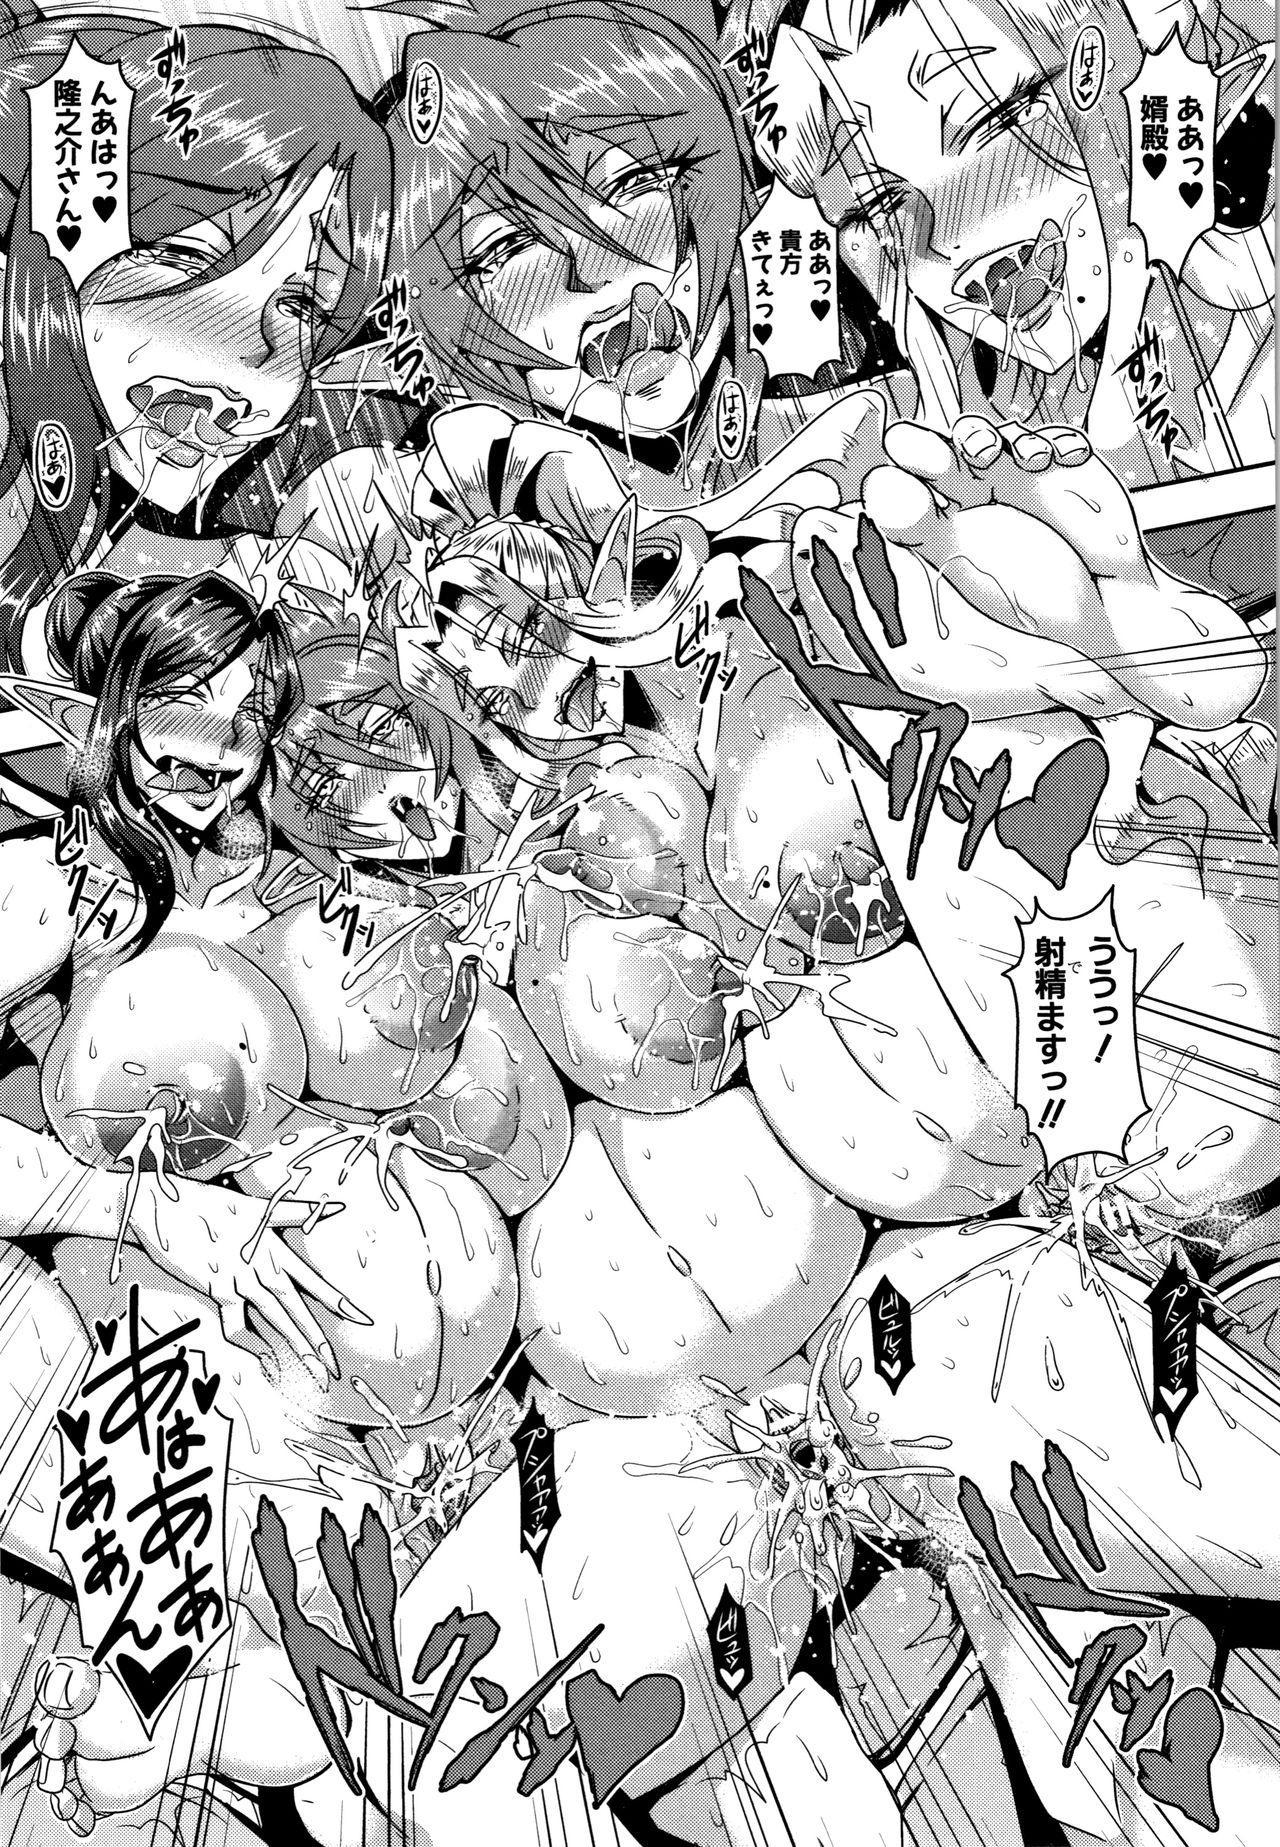 Elf Harem Monogatari - Elf Harem Story 90